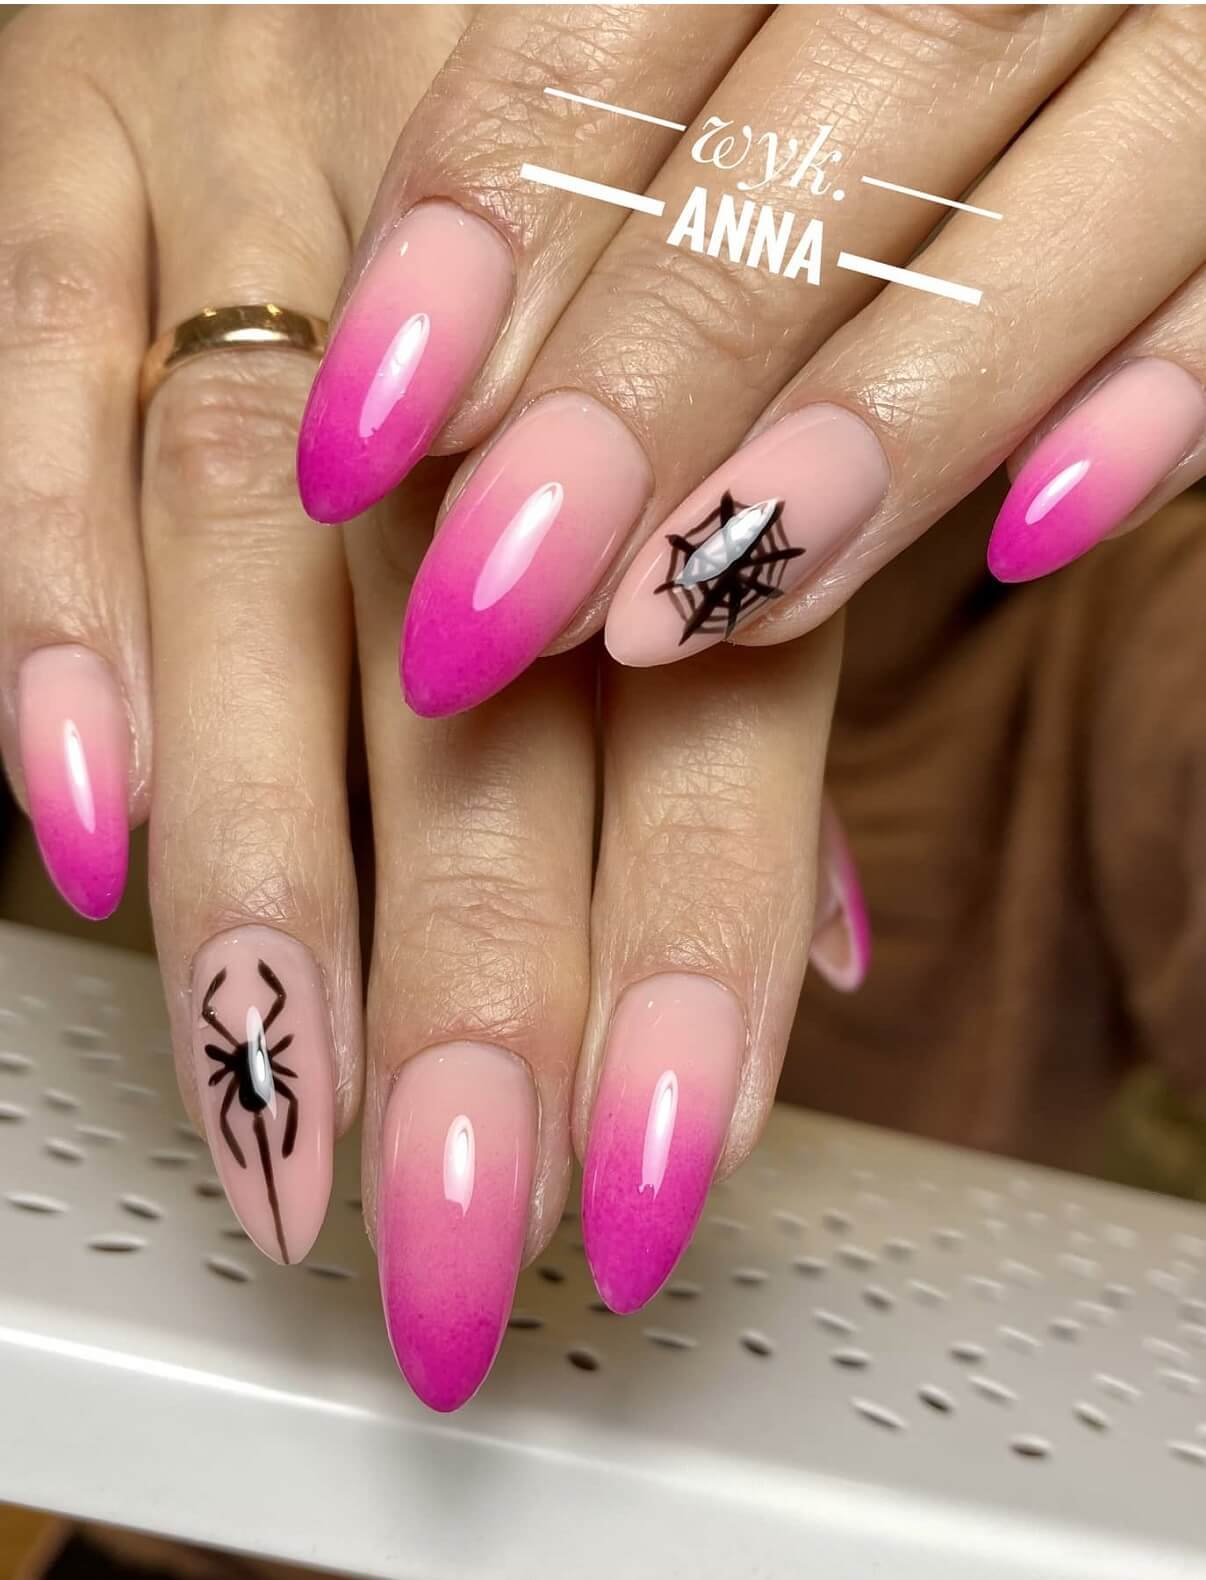 Manicure targówek paznokcie w kolorze różowym z dodatkiem czarnych pająków